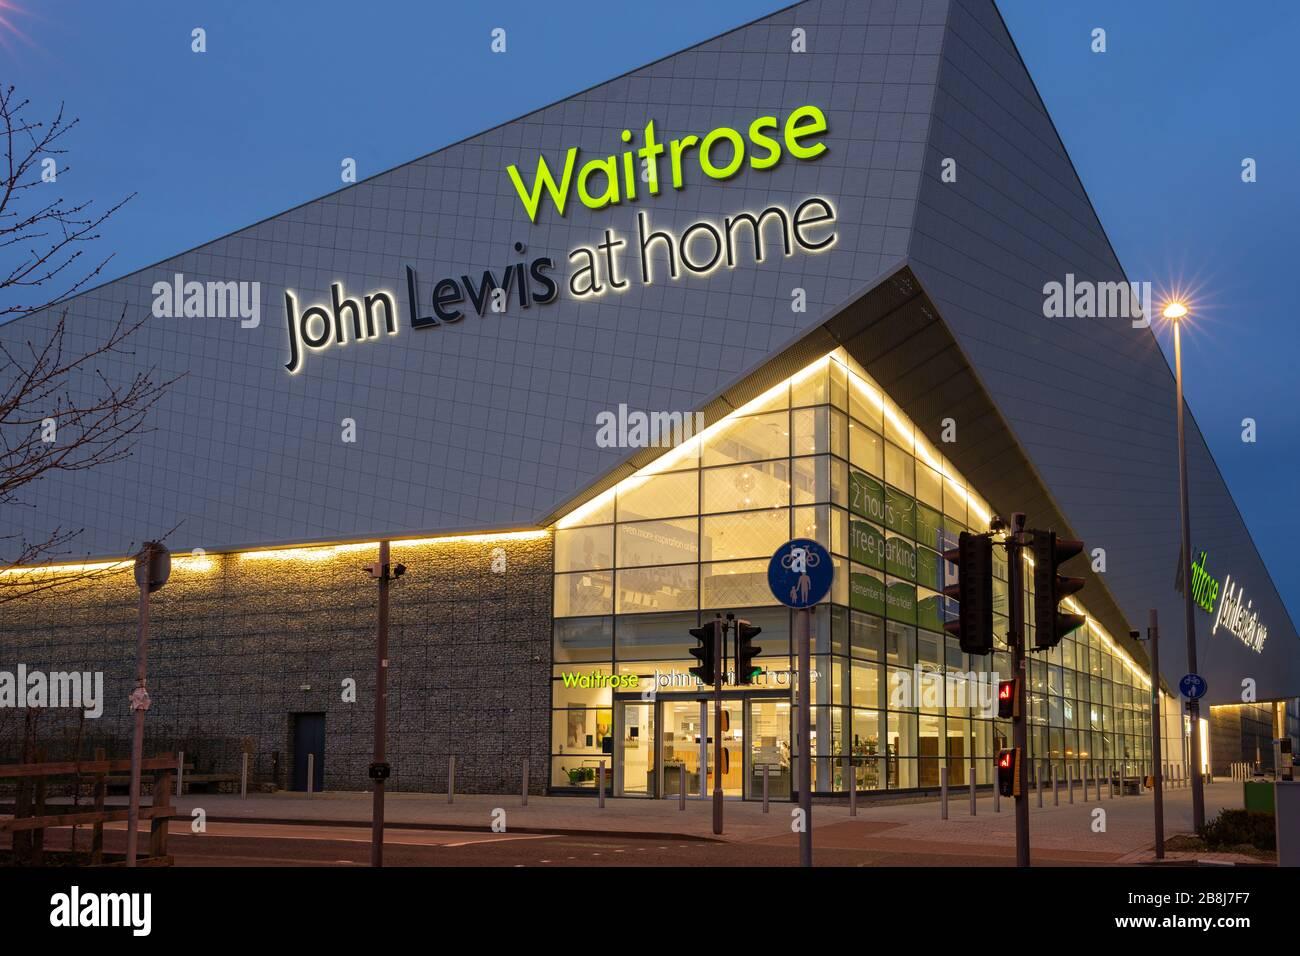 waitrose-supermarket-and-john-lewis-at-h